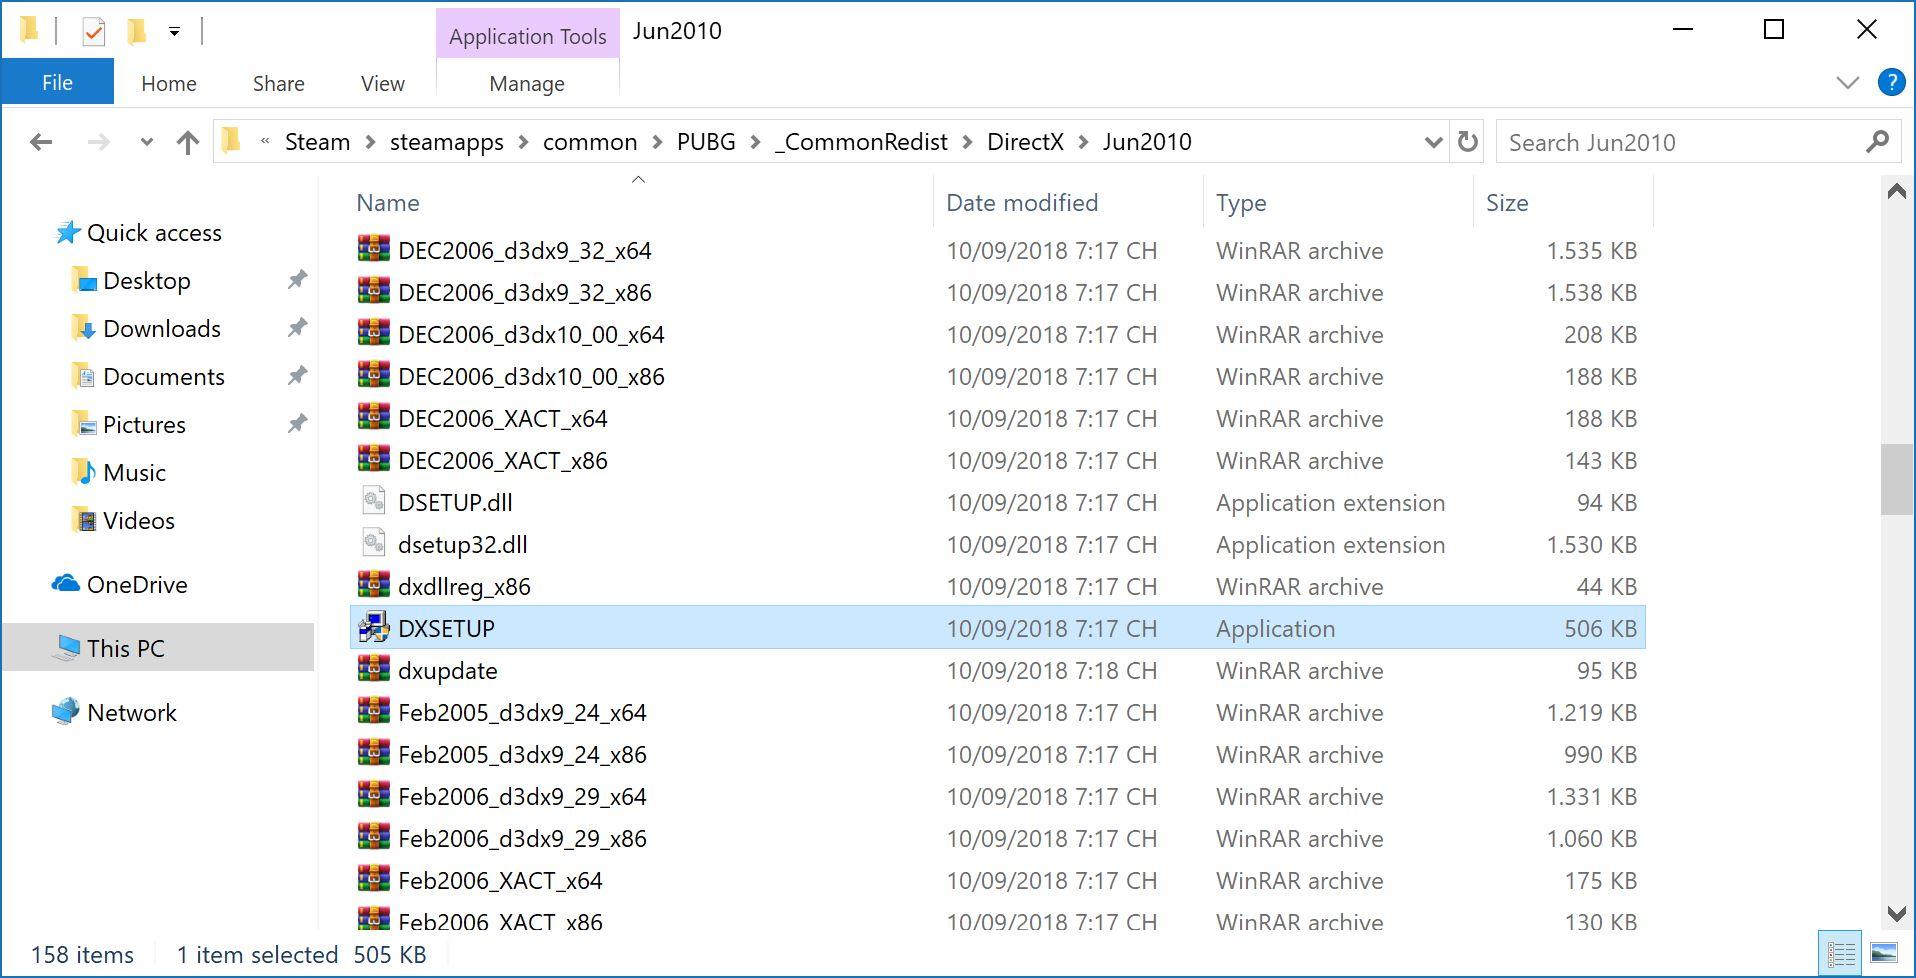 Sửa lỗi PUBG không thể khởi động sau cập nhật hoặc cài mới